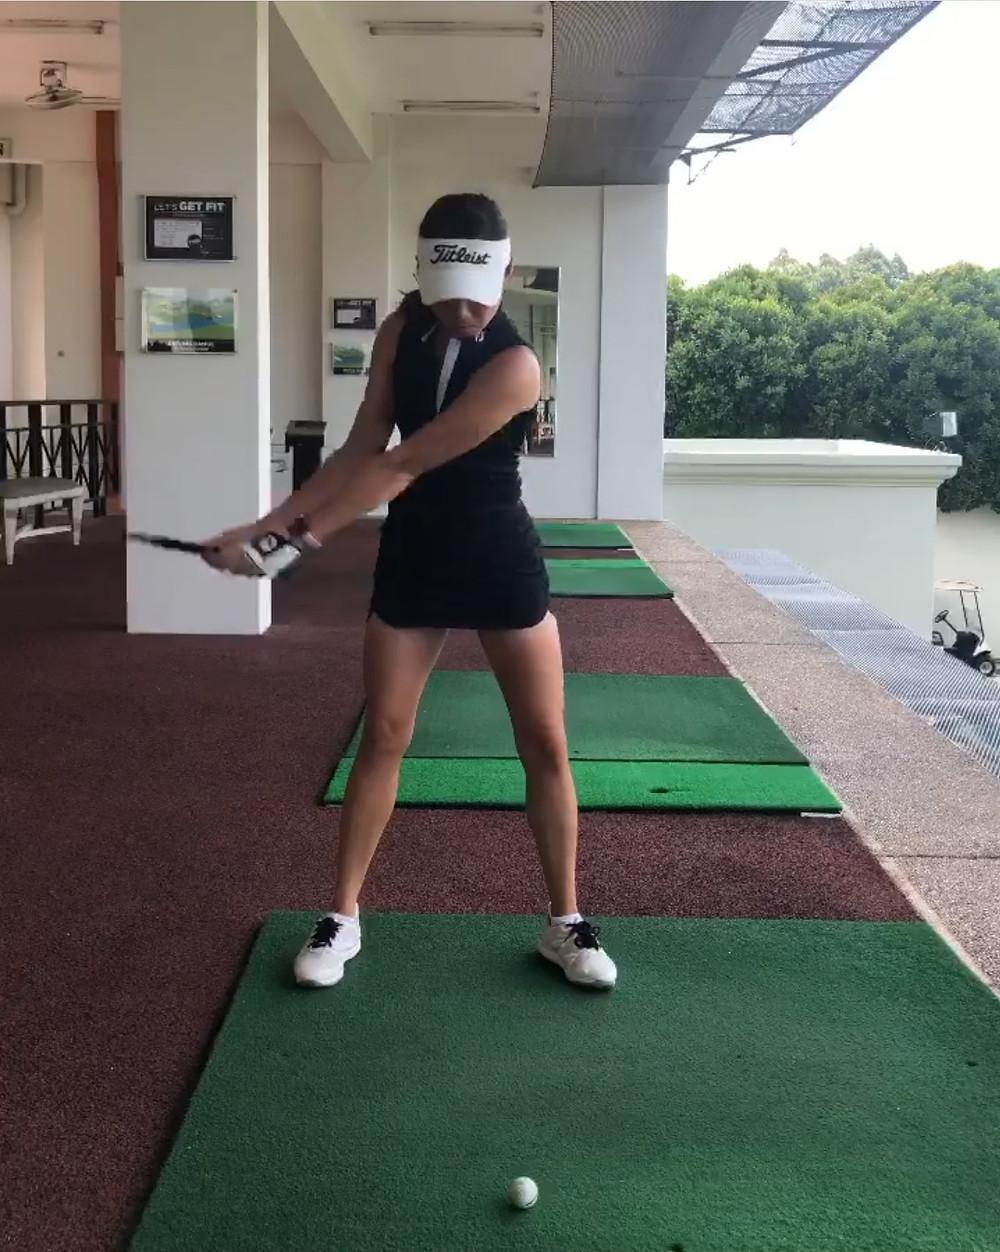 视频,高尔夫挥杆,练习,吉隆坡TPC视频,高尔夫挥杆,练习,吉隆坡TPC